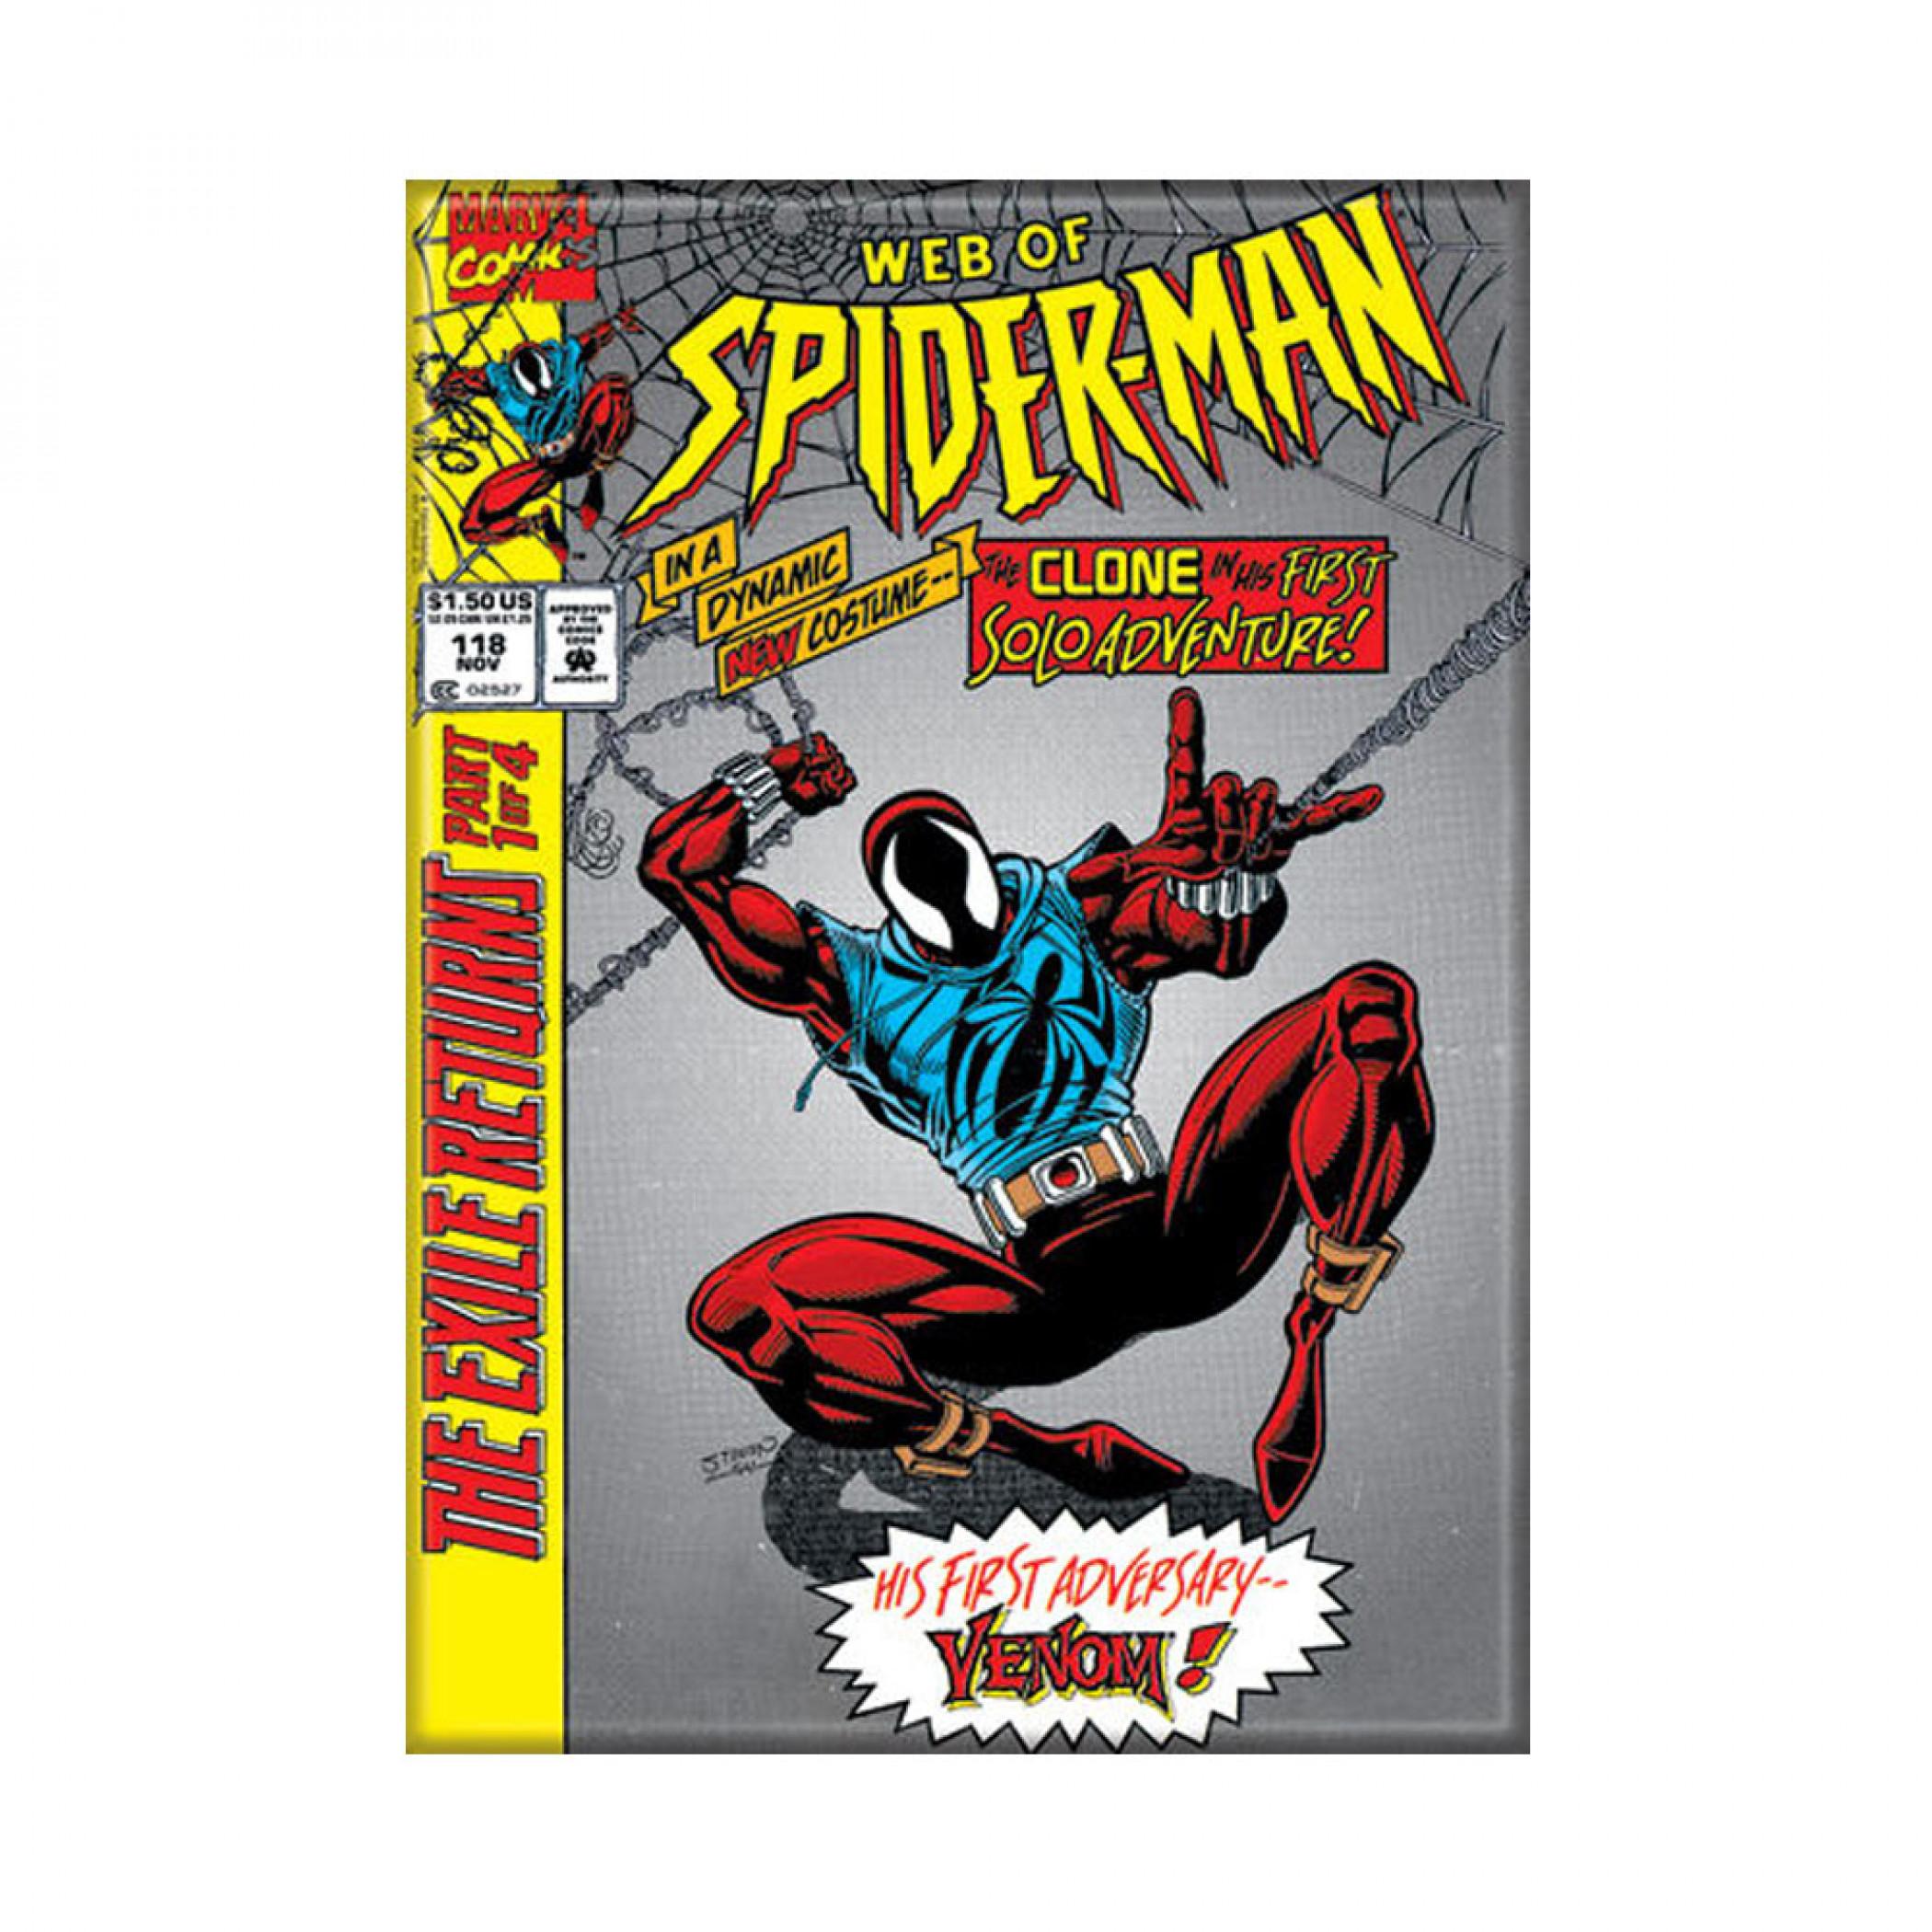 Web of Spider-Man #118 Magnet